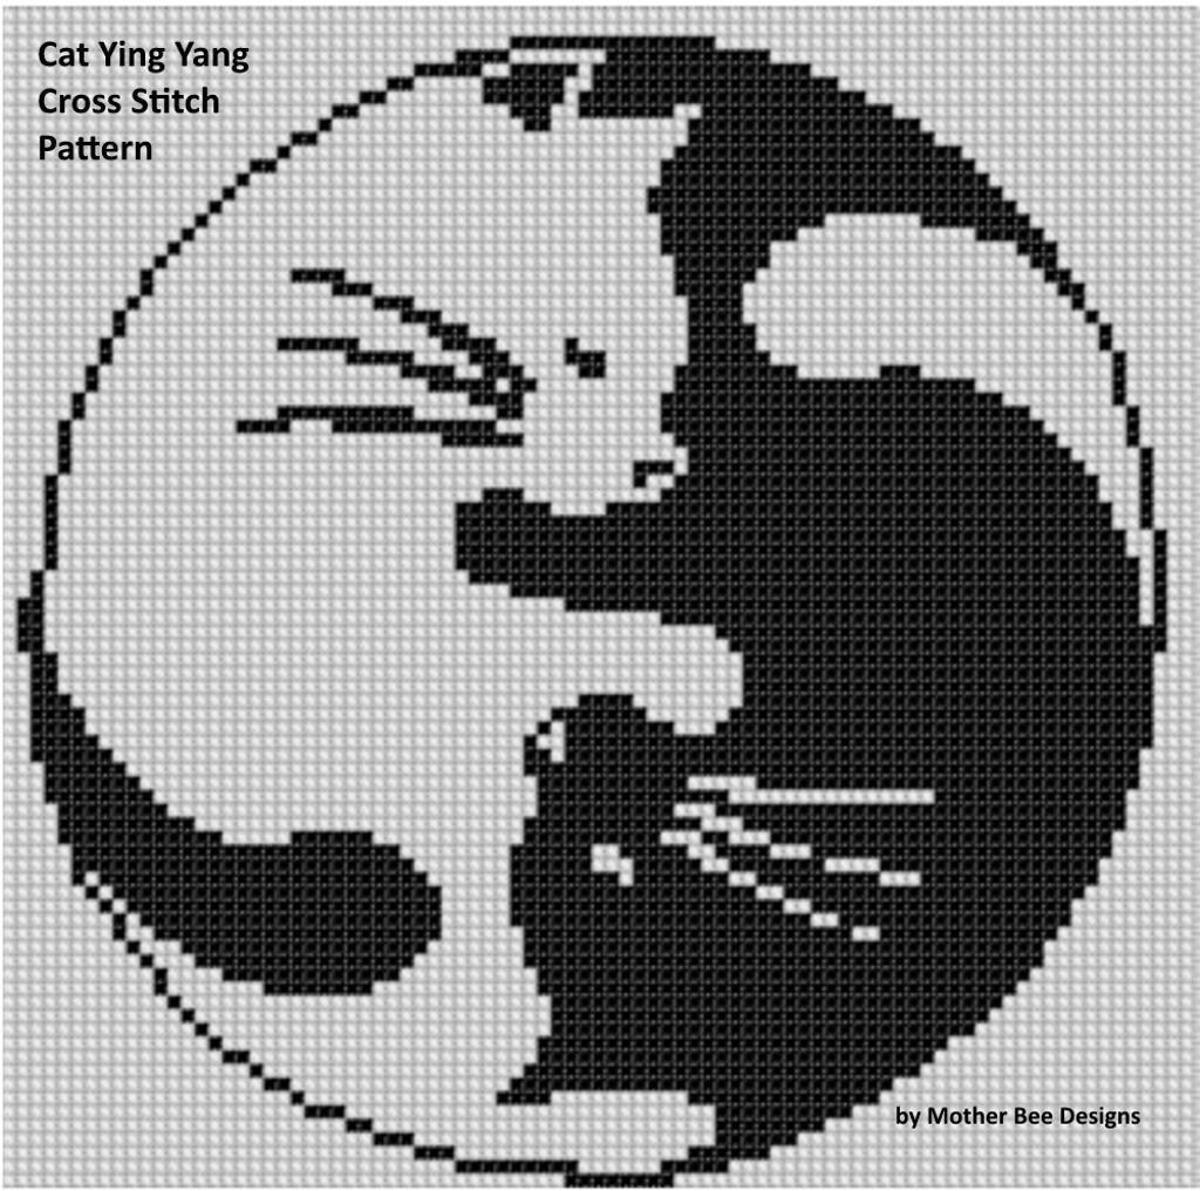 Cat Ying Yang Cross Stitch Pattern | Animales | Pinterest | Bordado ...